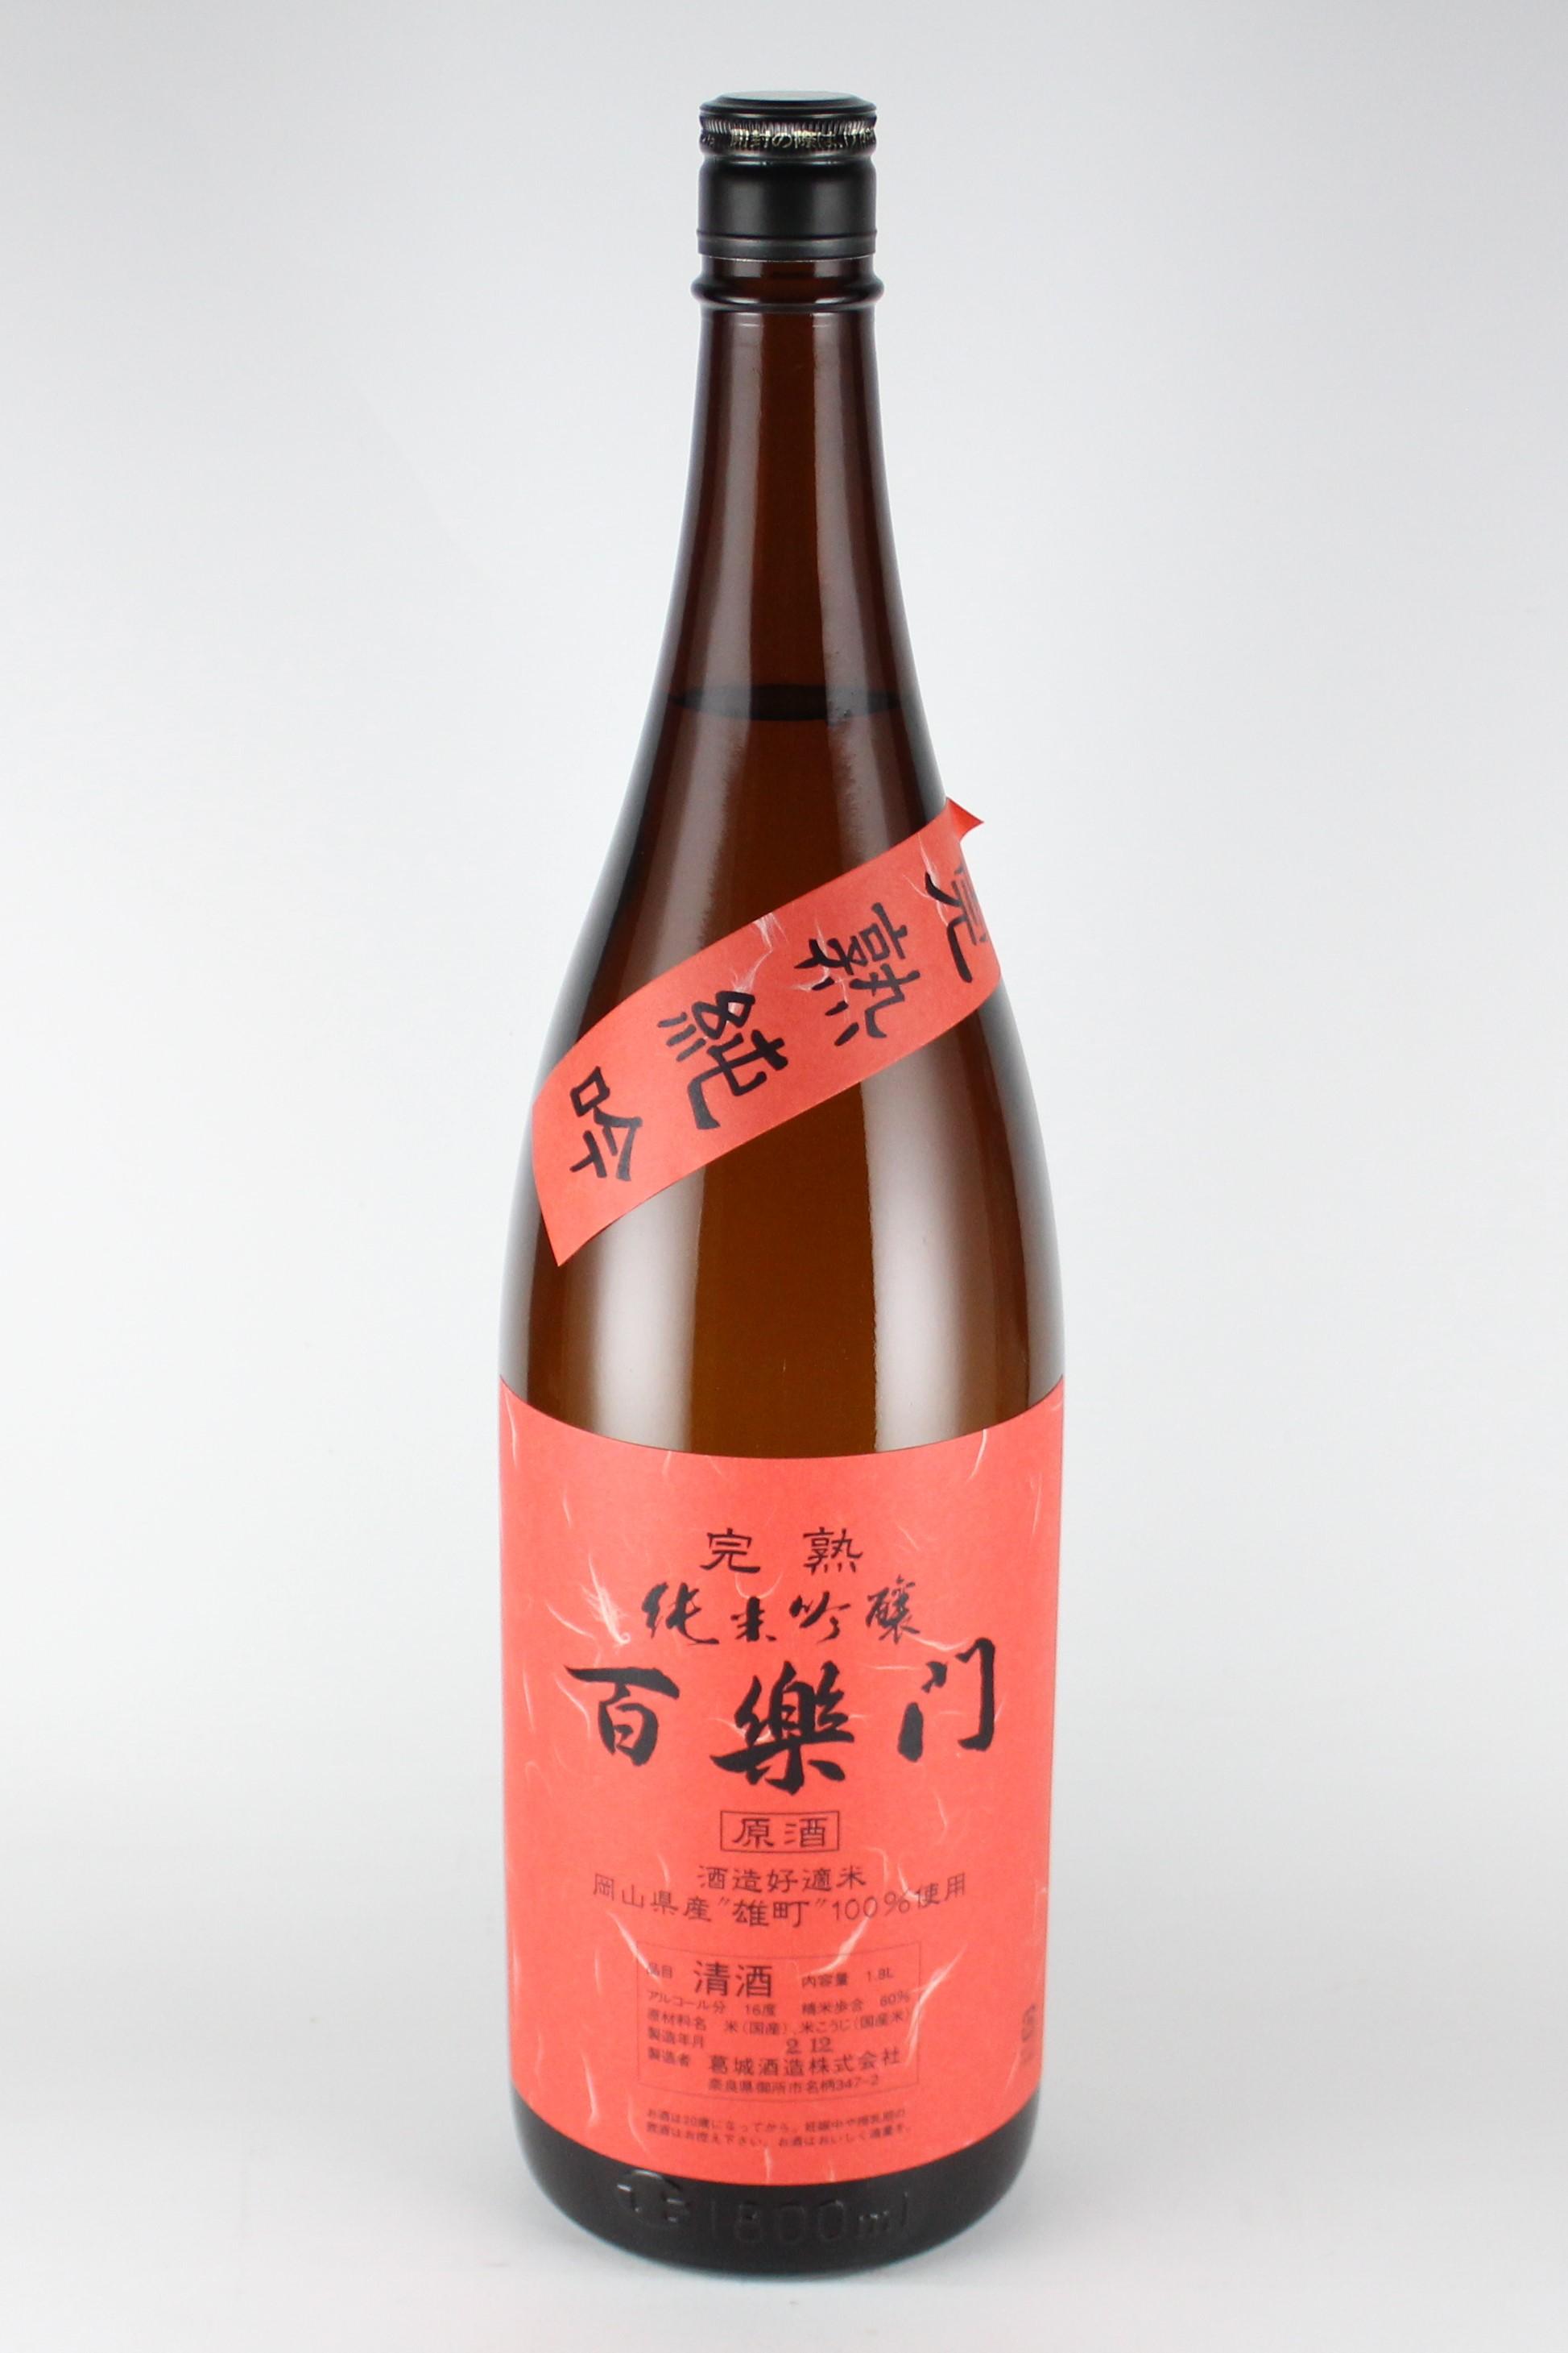 百楽門 完熟純米吟醸原酒 備前雄町 1800ml 【奈良/葛城酒造】